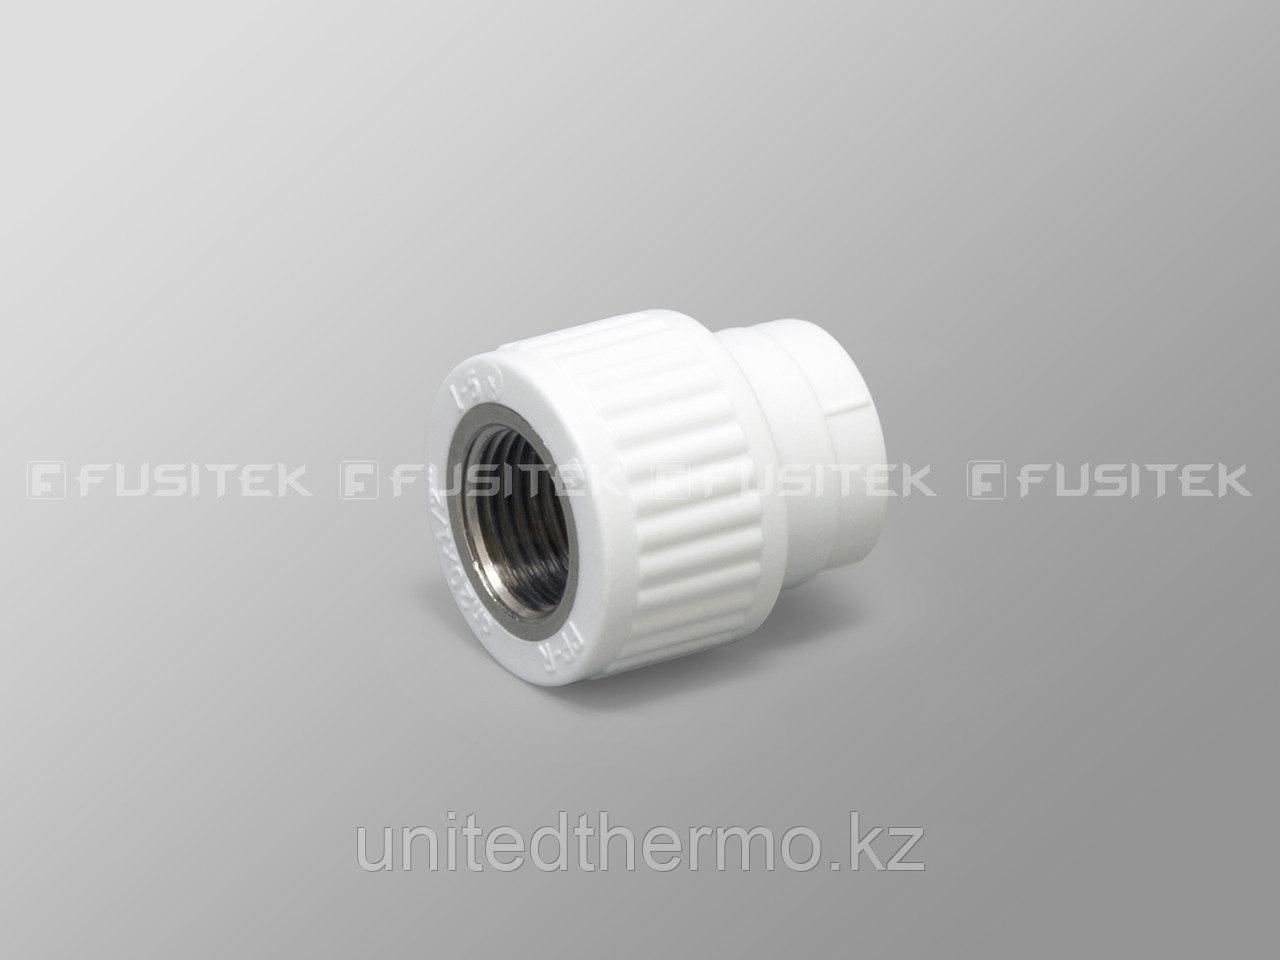 Муфта комбинированная ВР 40Х1 1/4 Fusitek